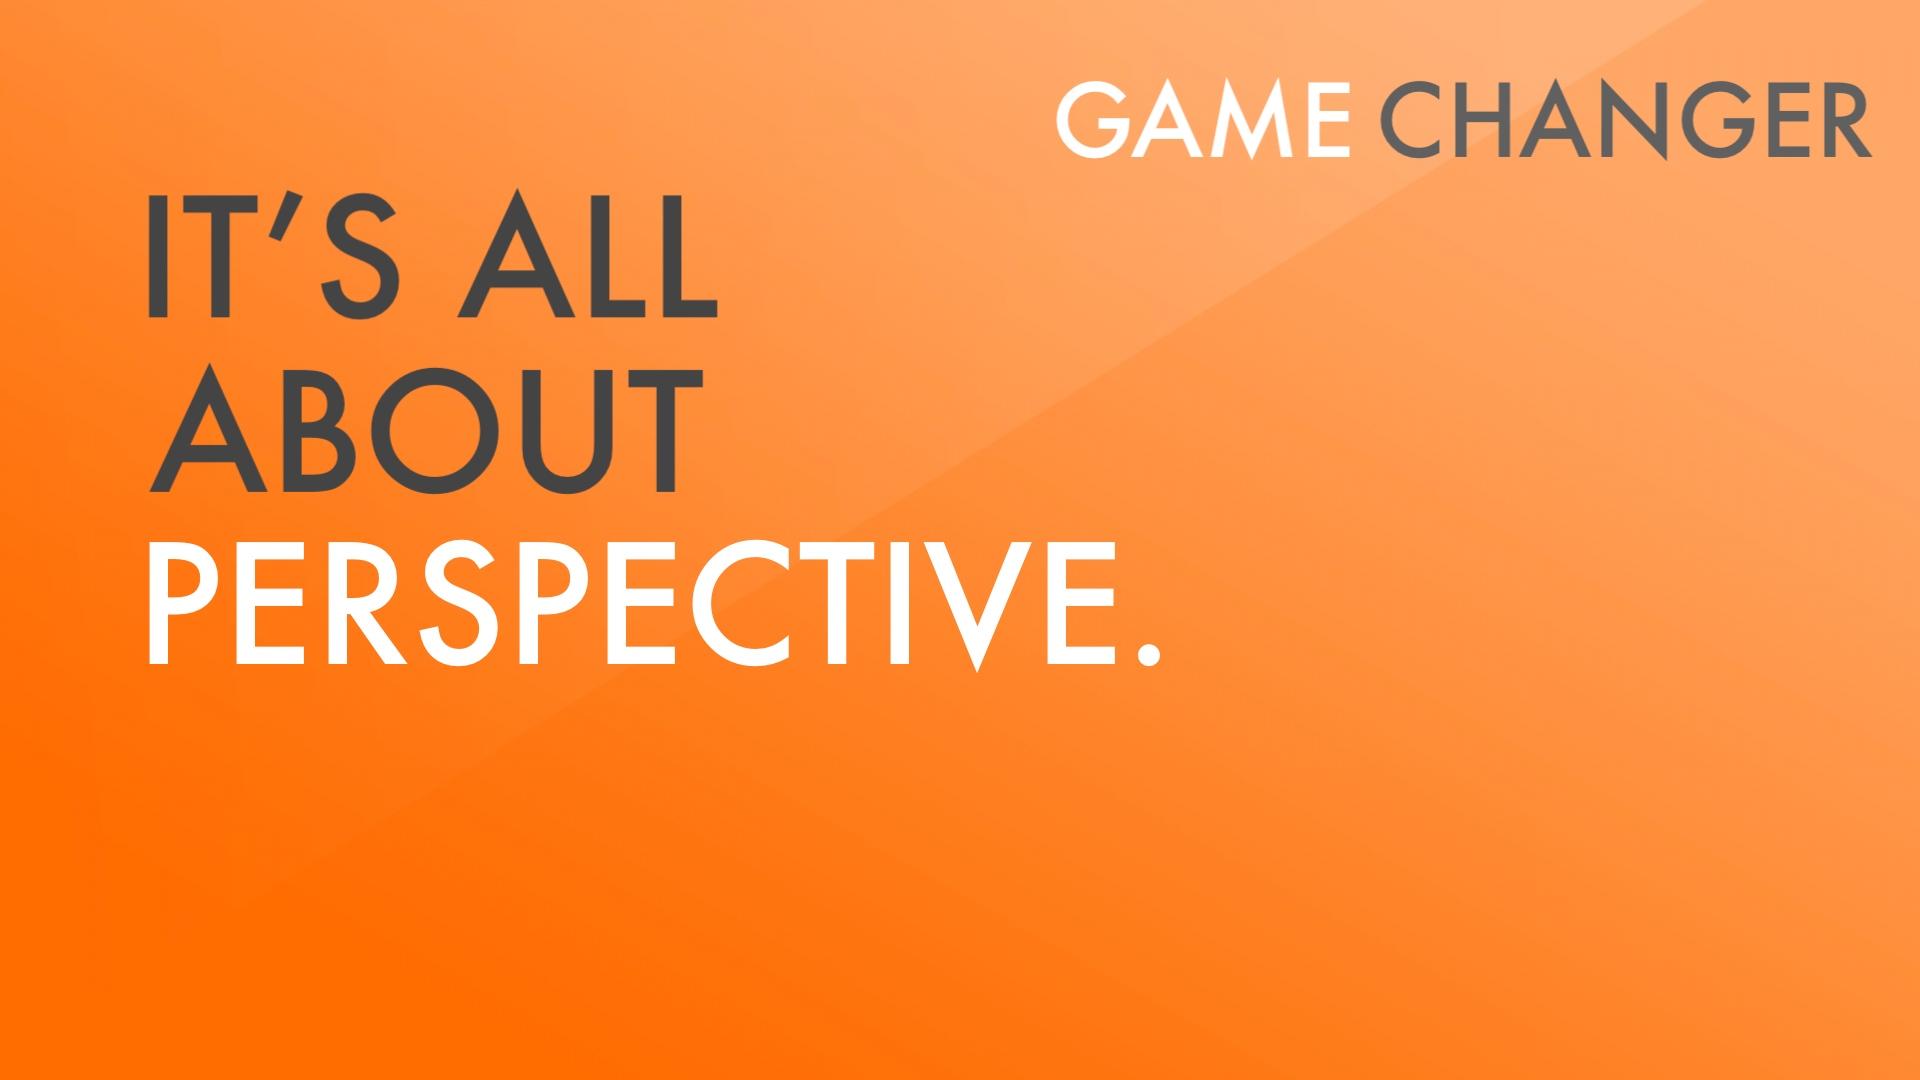 Game Changer Art.jpg